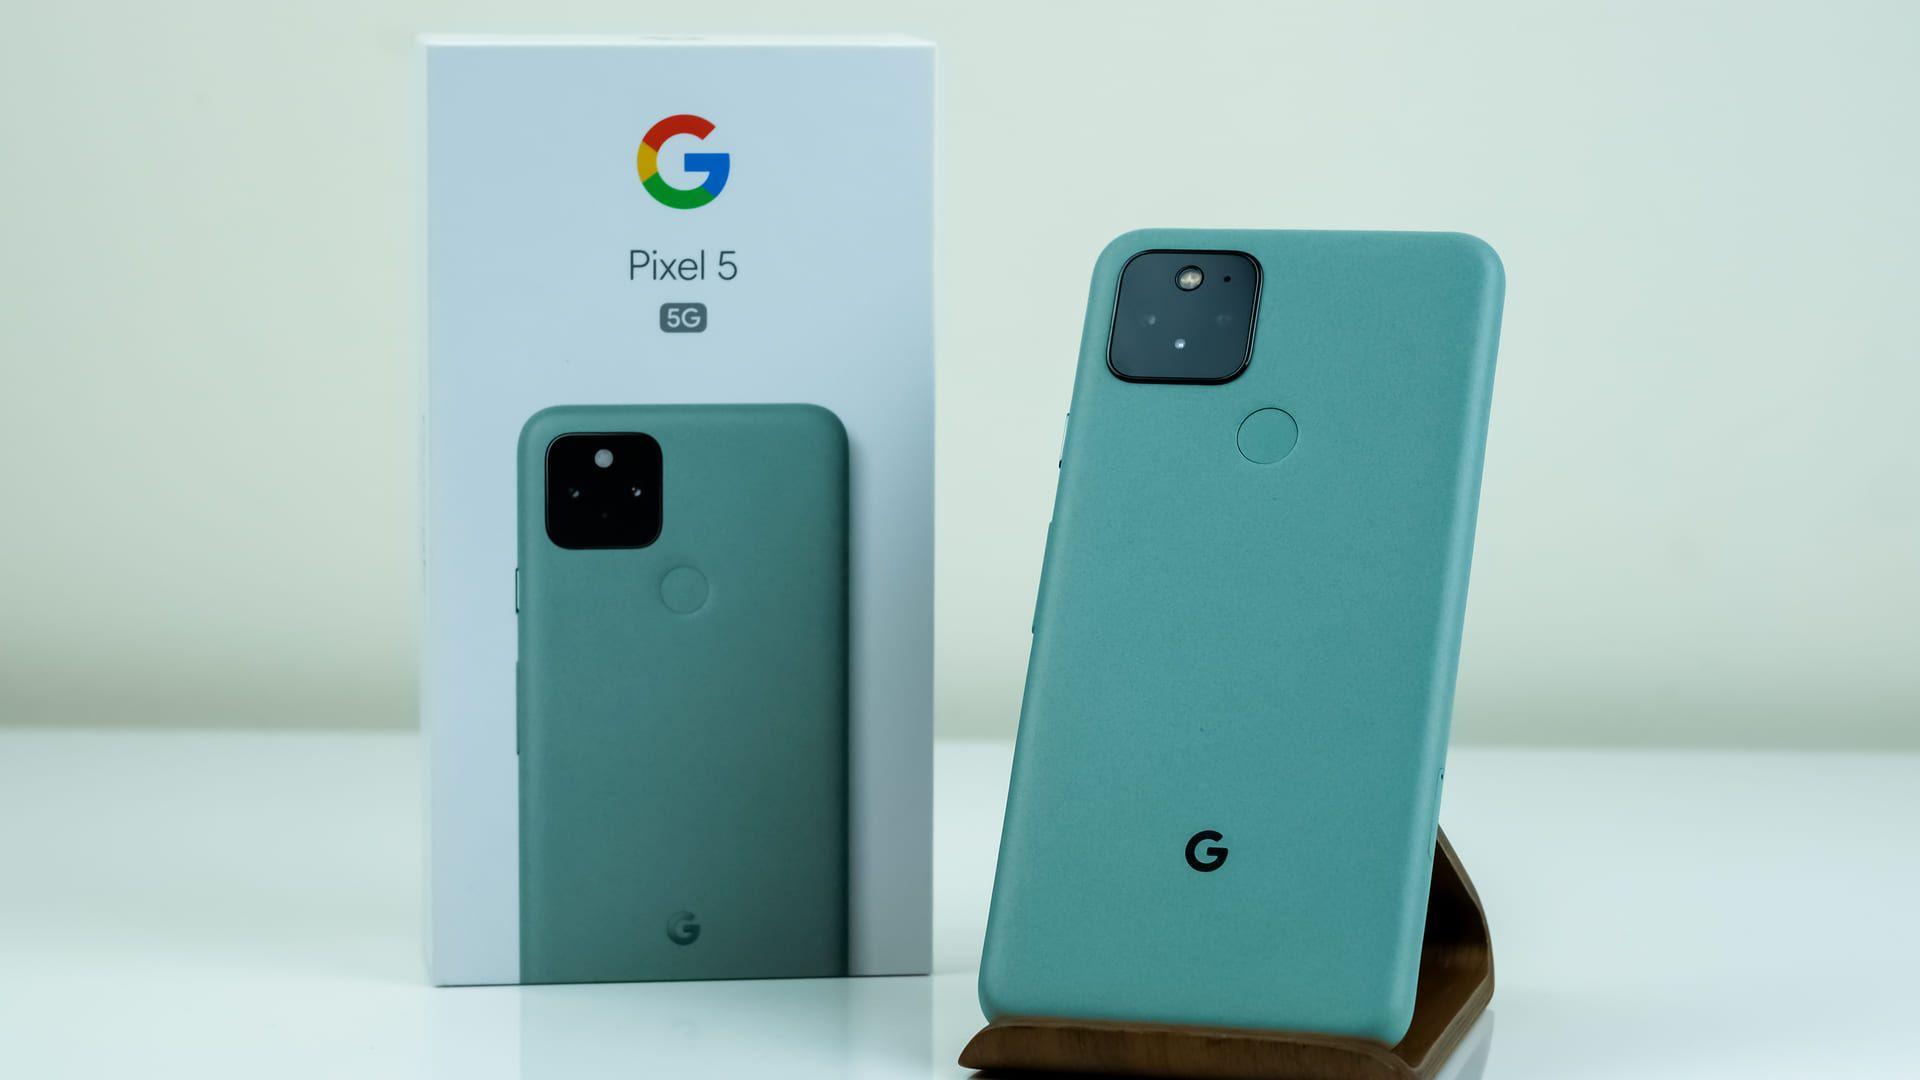 O Google Pixel 5G é um último lançamento do Google. (Foto: Shutterstock)